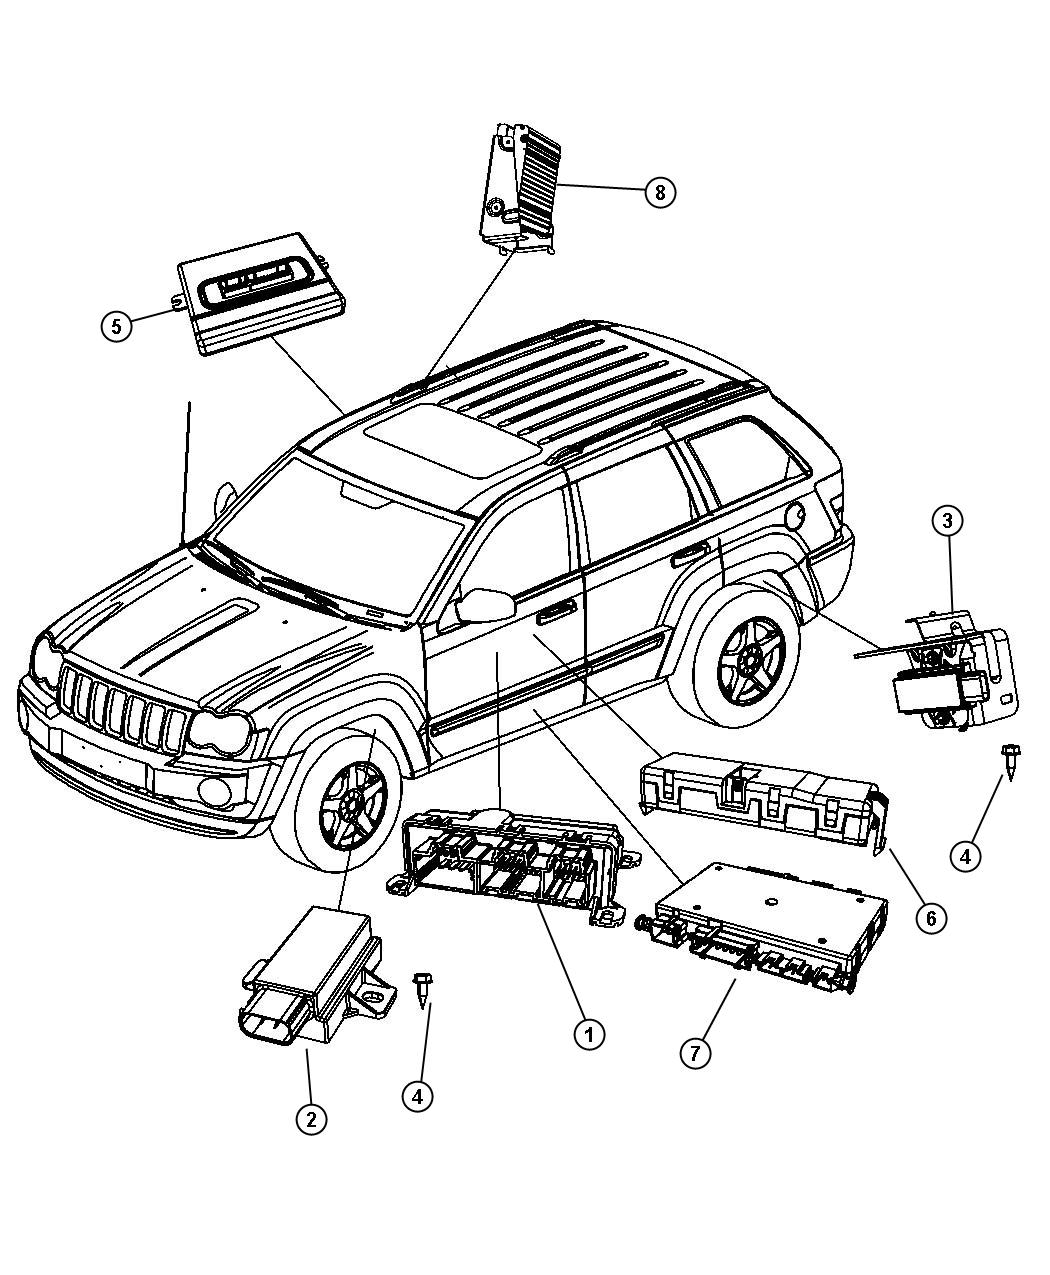 Jeep Grand Cherokee Module Tire Pressure Monitoring